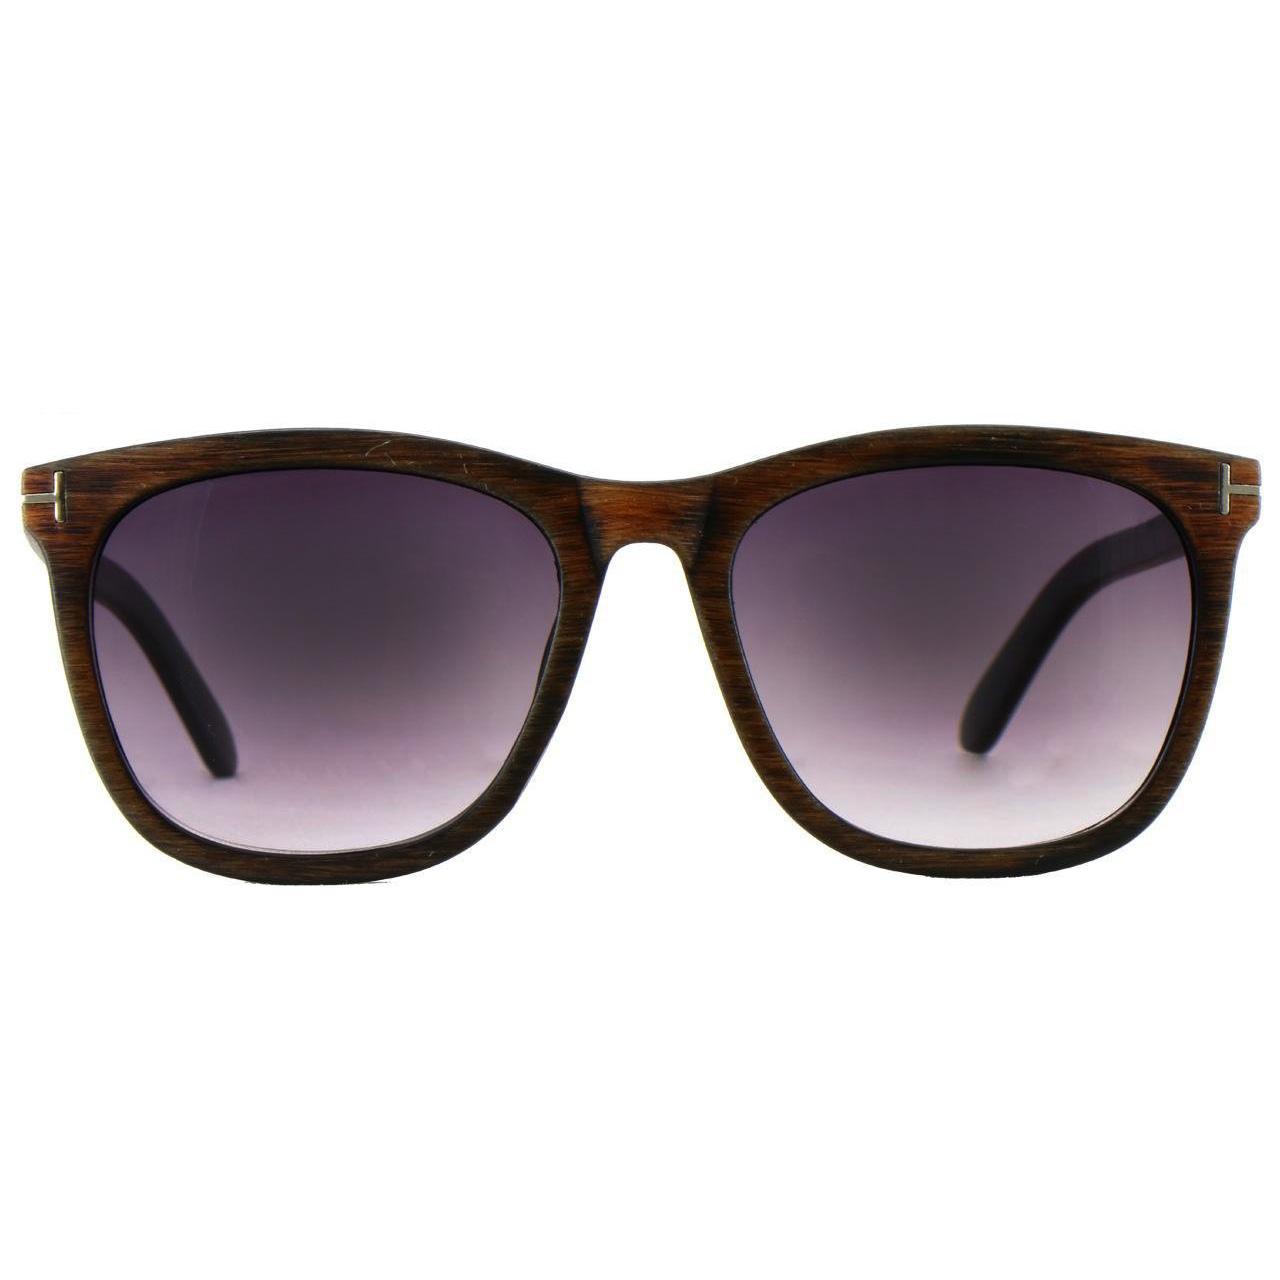 قیمت عینک آفتابی مدل indila